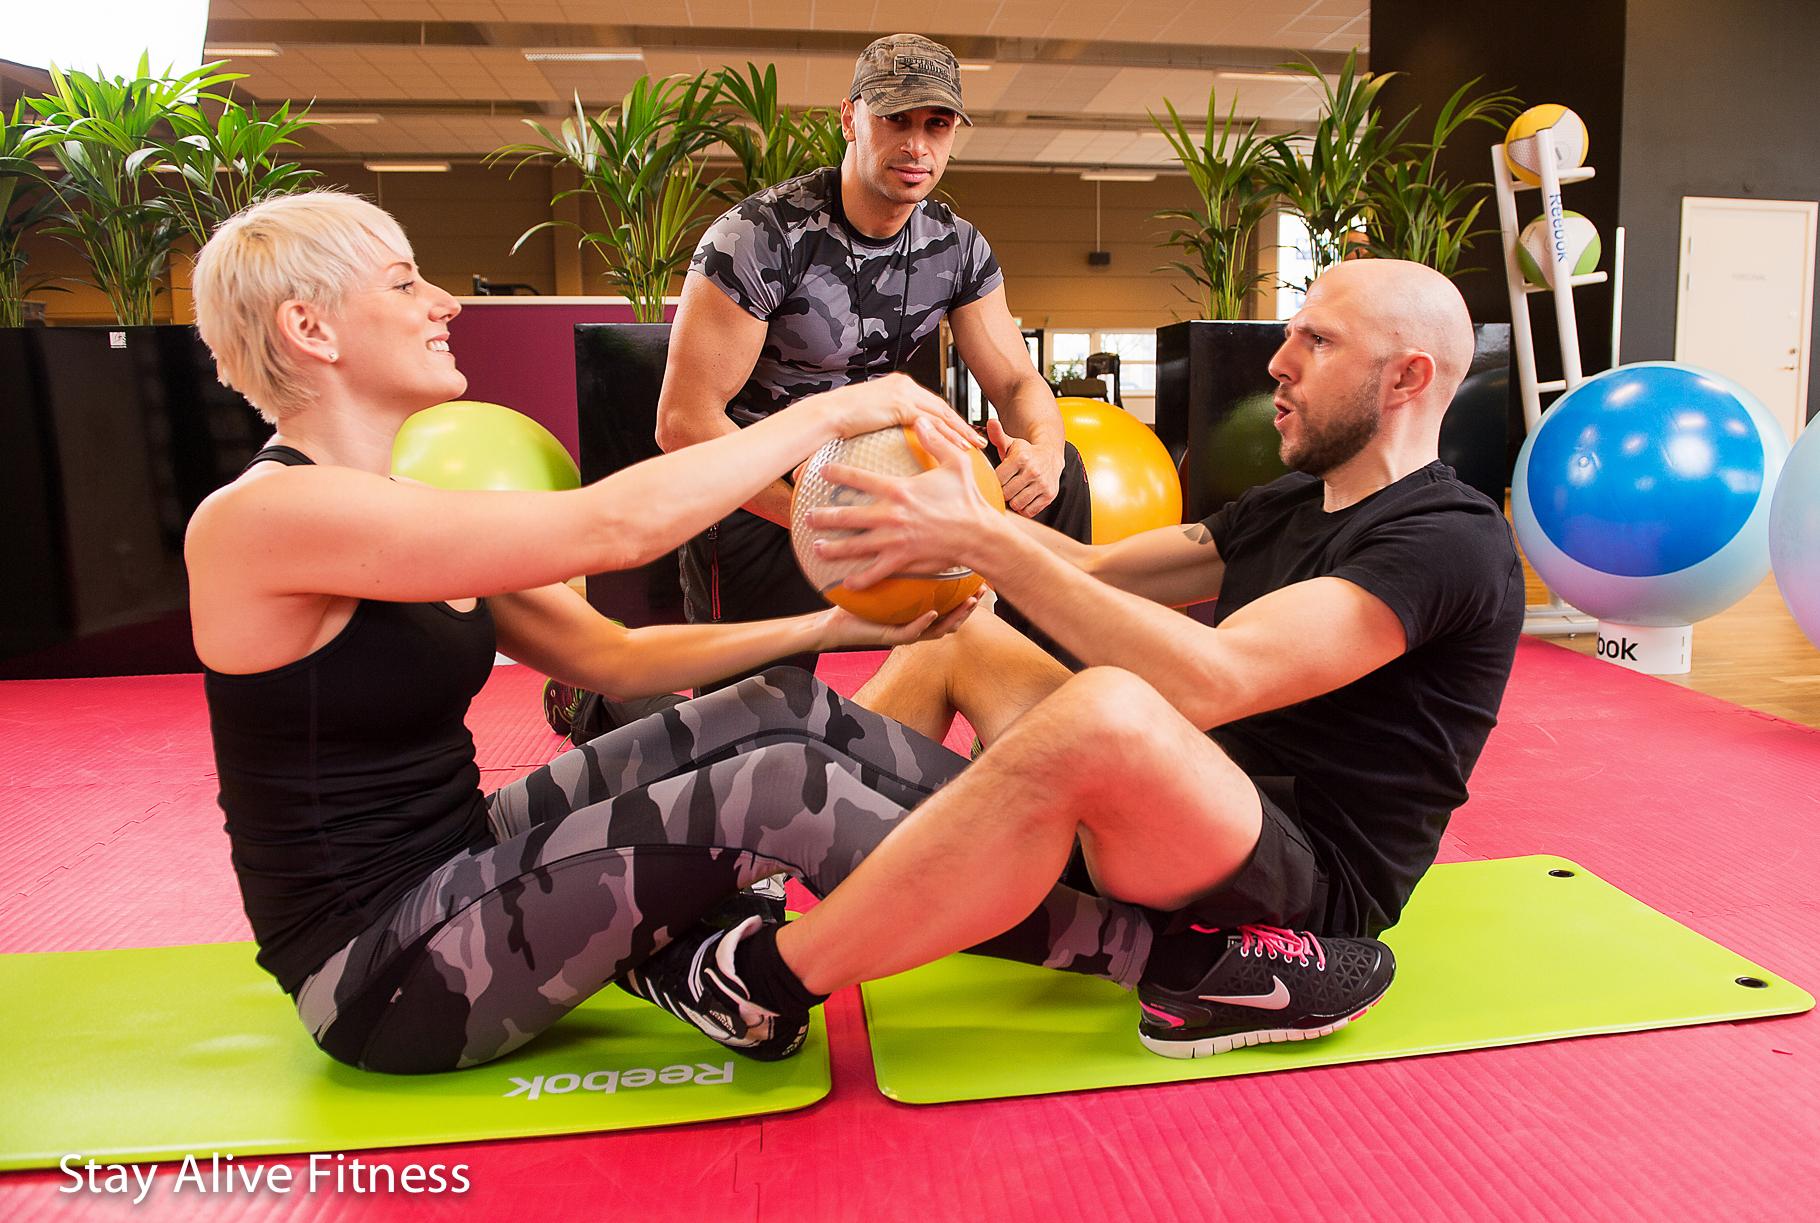 Couple Training - stayalivefitness.se